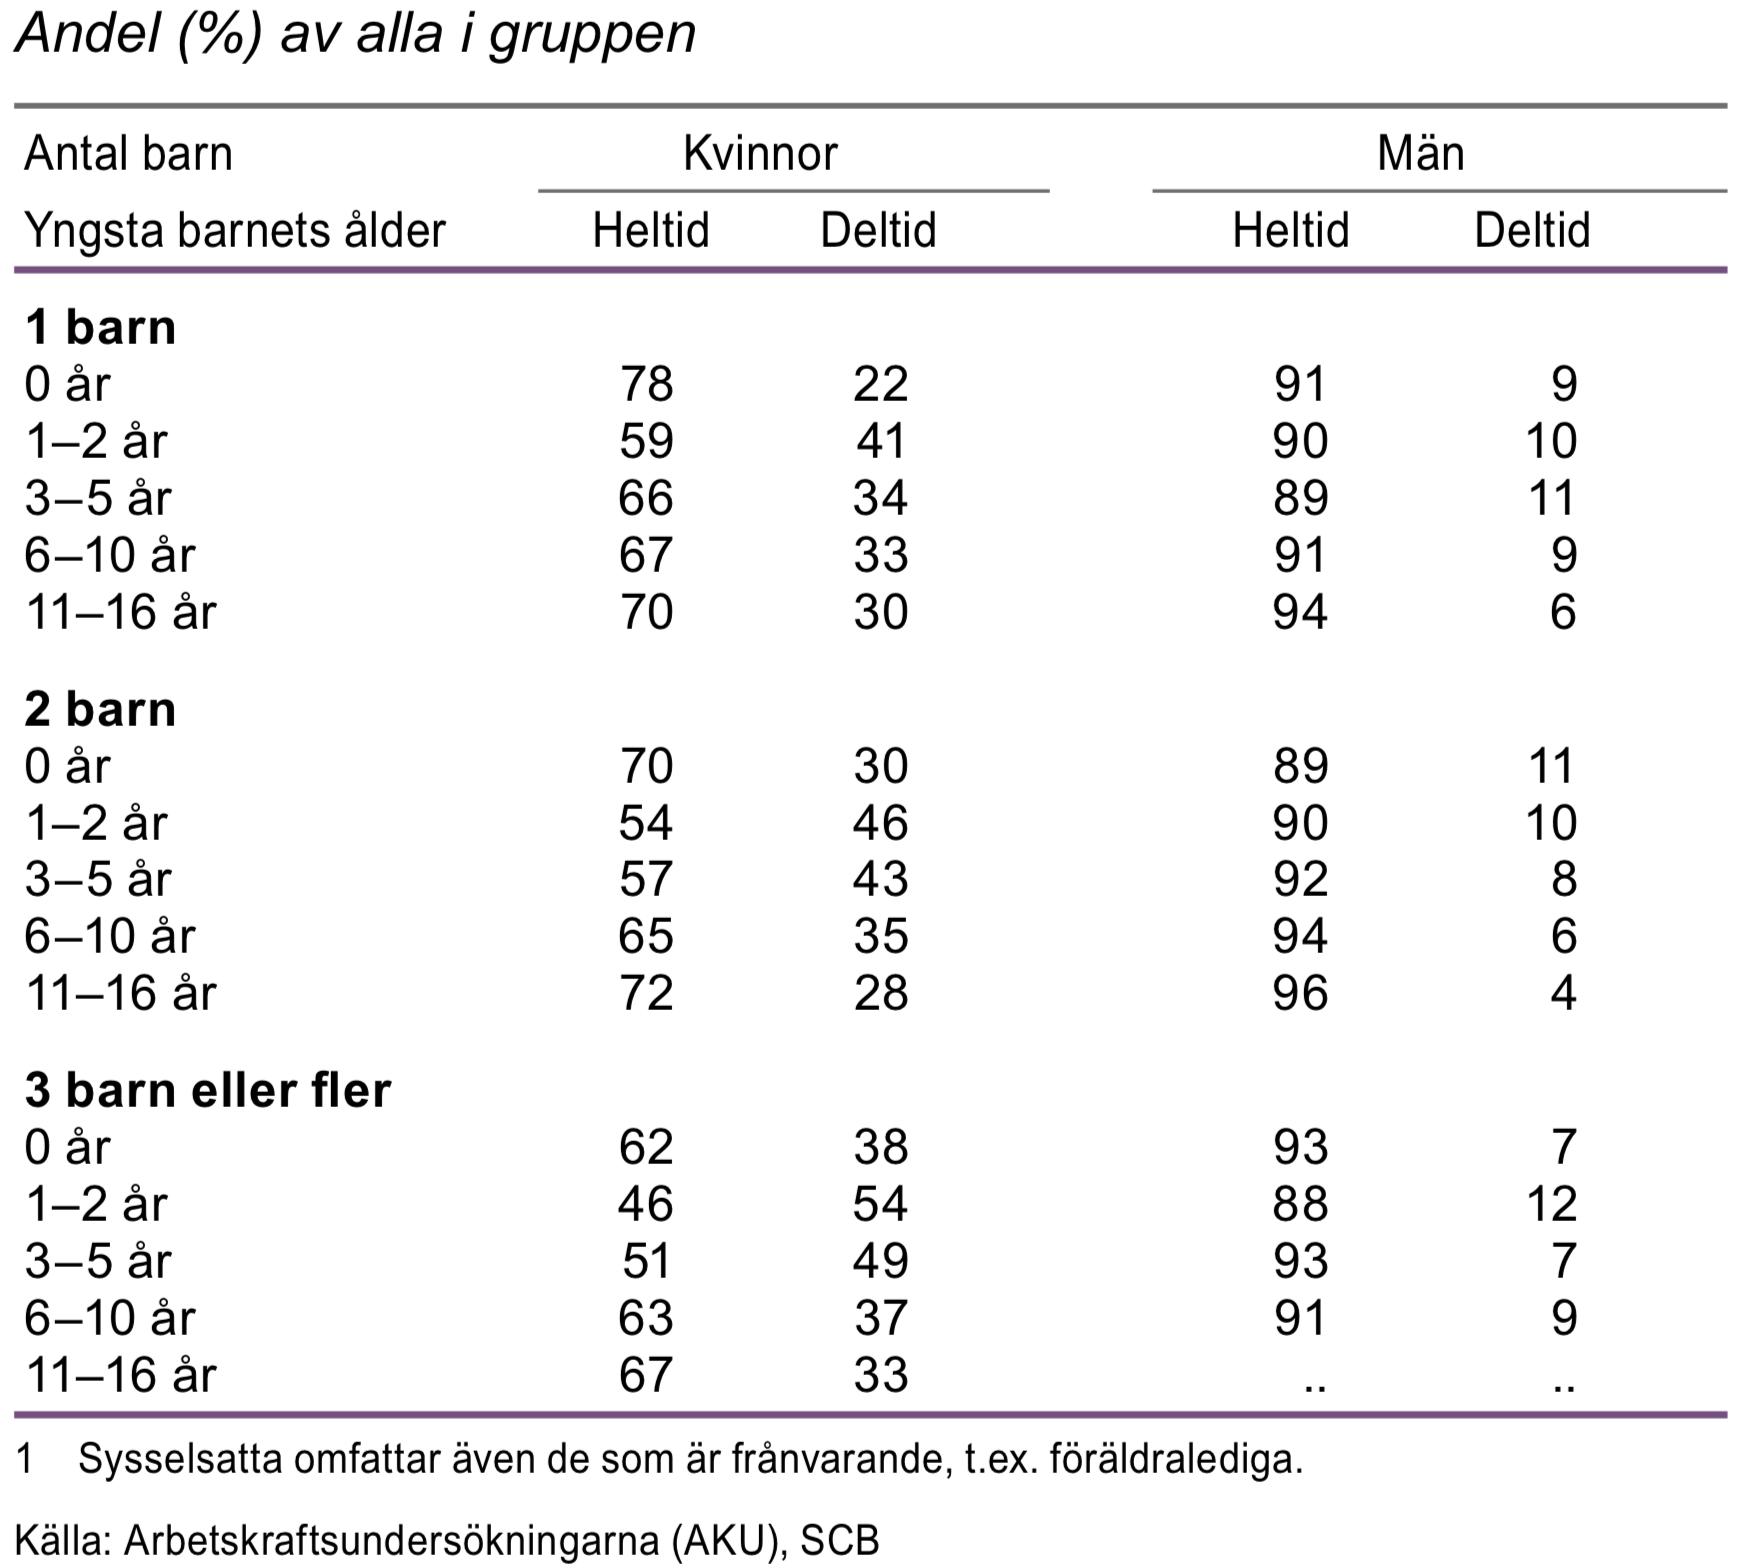 Sysselsatta föräldrar i åldern 20-64 år med hemmavarande barn efter antal barn, yngsta barnets ålder och arbetstidens längd 2015